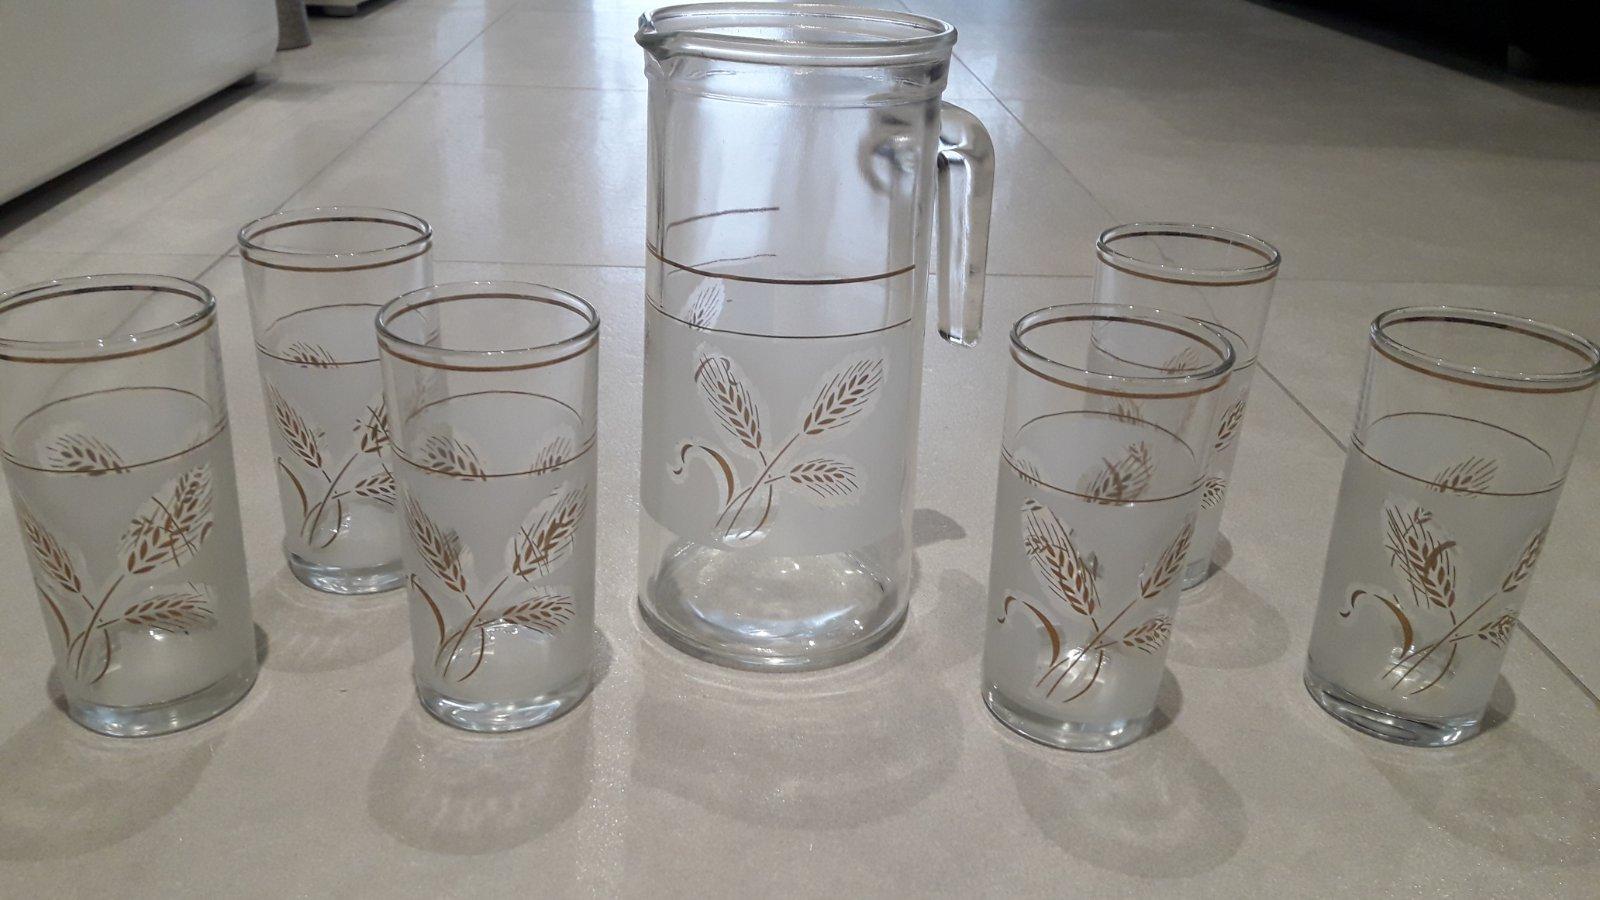 Sklenený pozlatený ďžbán a poháre na víno - Obrázok č. 1